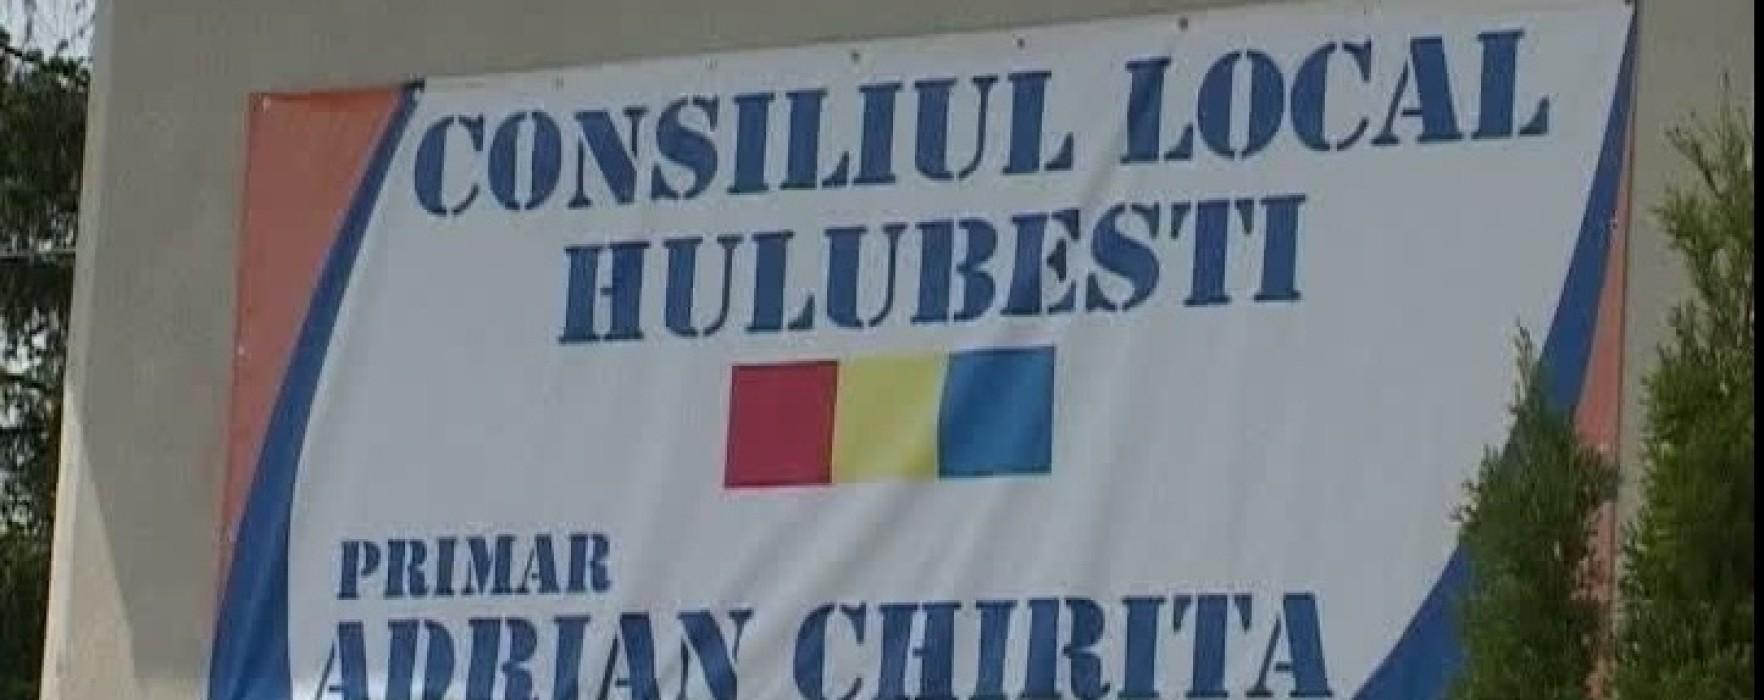 Alegeri pentru Consiliul Local Hulubeşti, în 25 mai